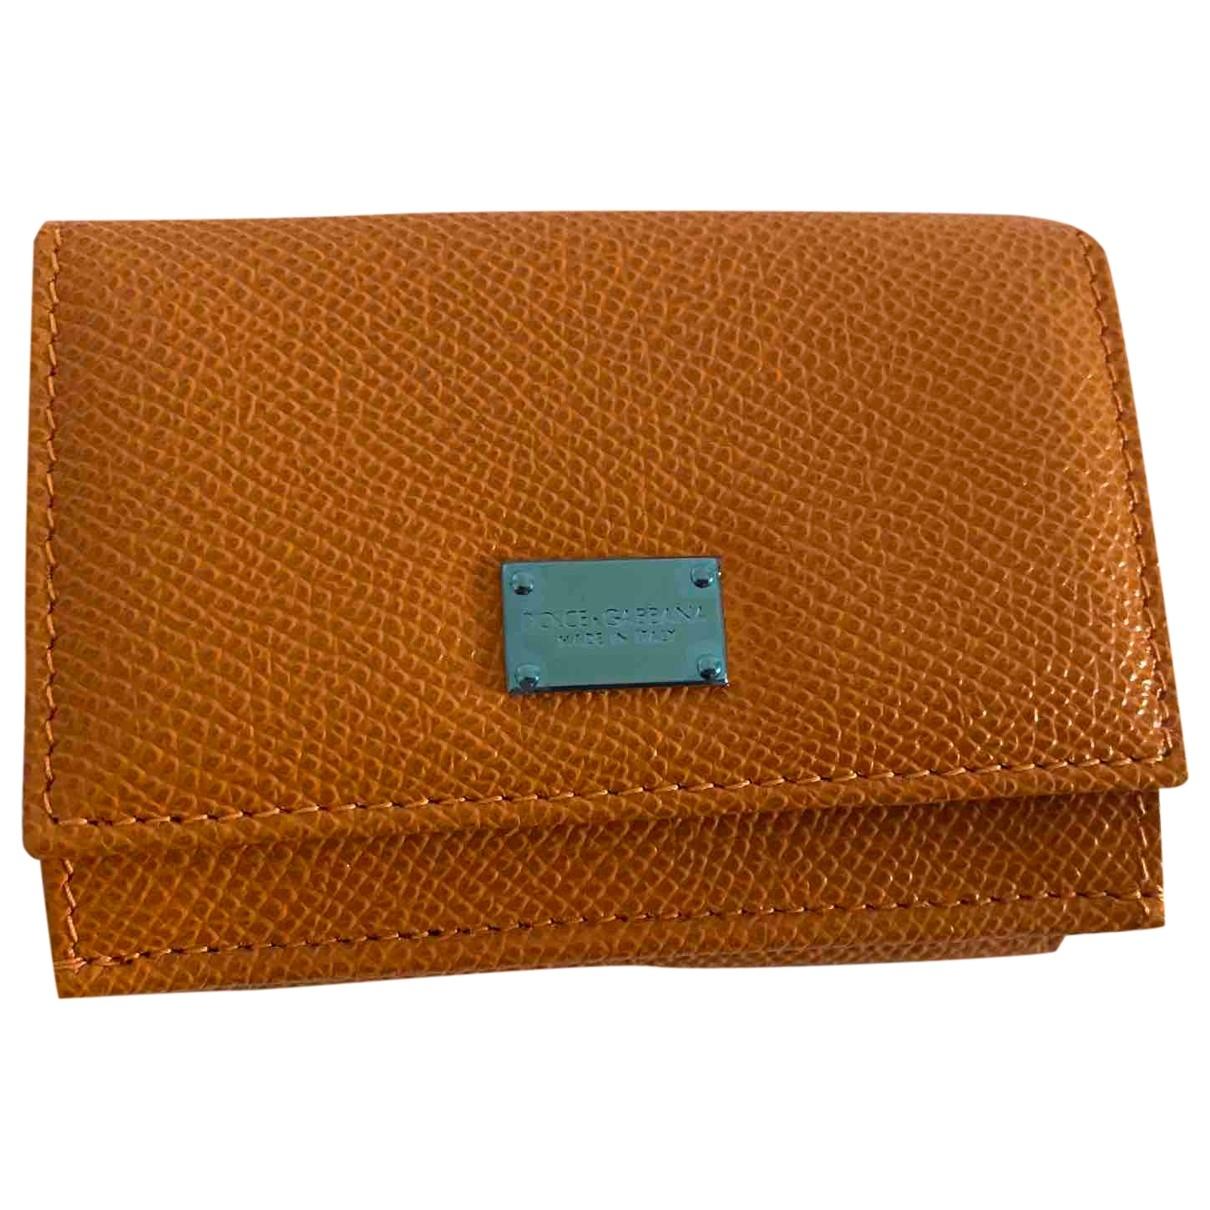 Dolce & Gabbana - Portefeuille   pour femme en cuir - orange